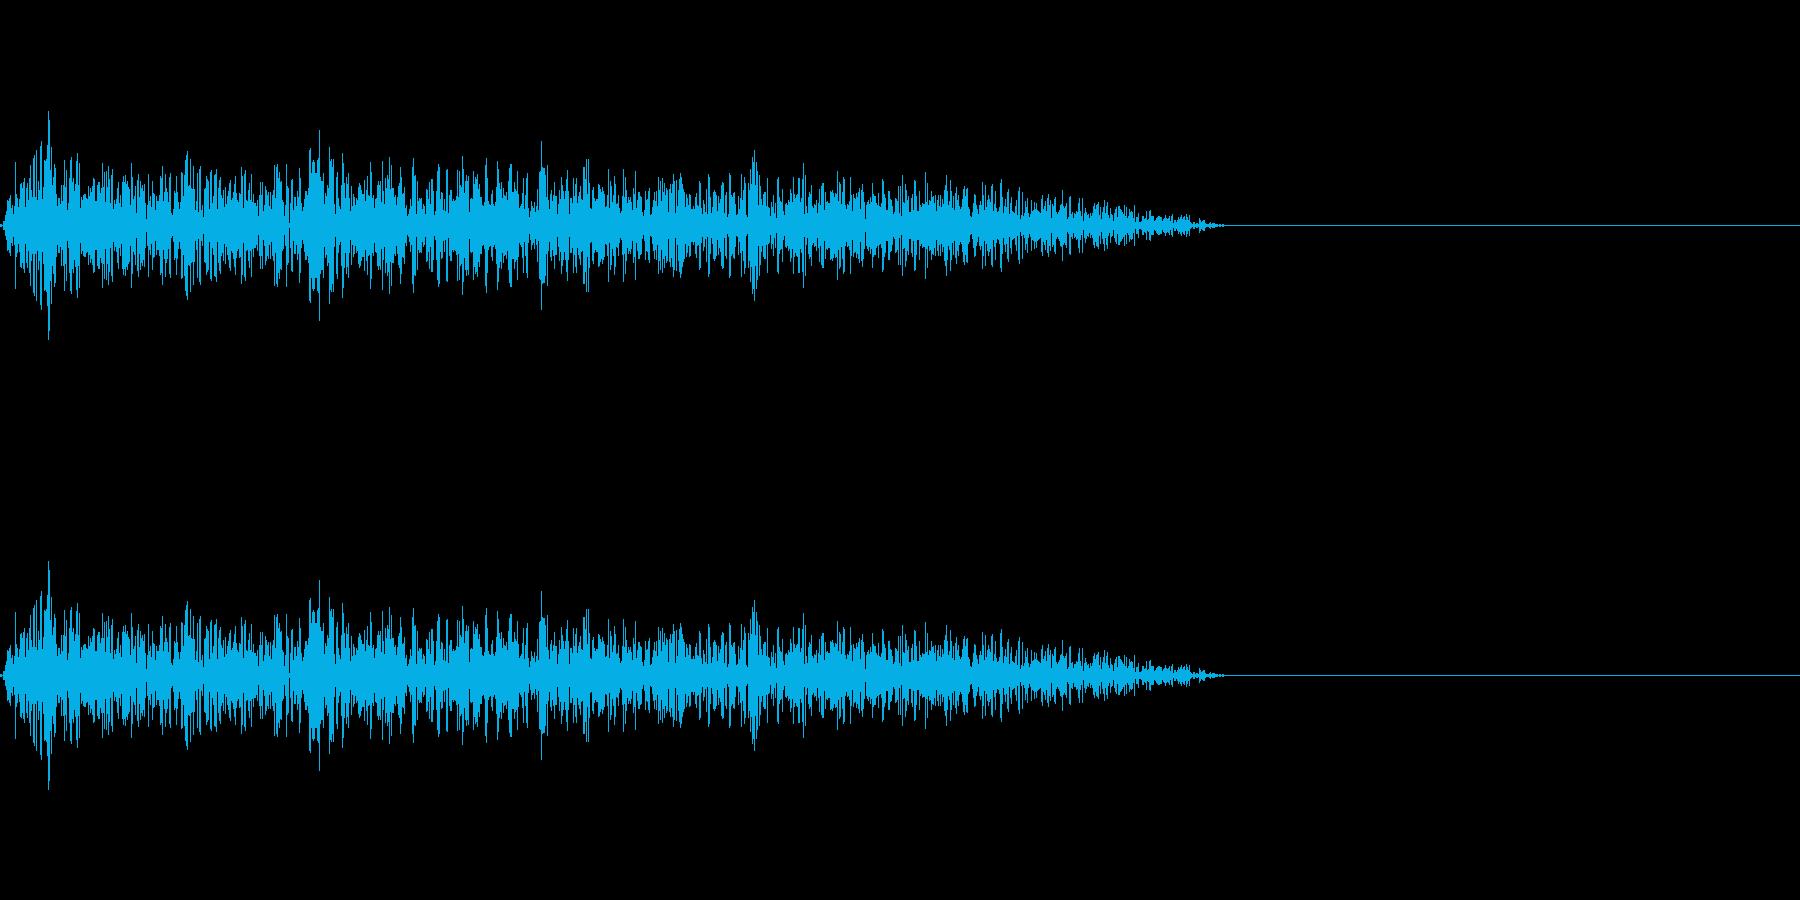 バシュ!(ゲームやアニメに使える攻撃音)の再生済みの波形